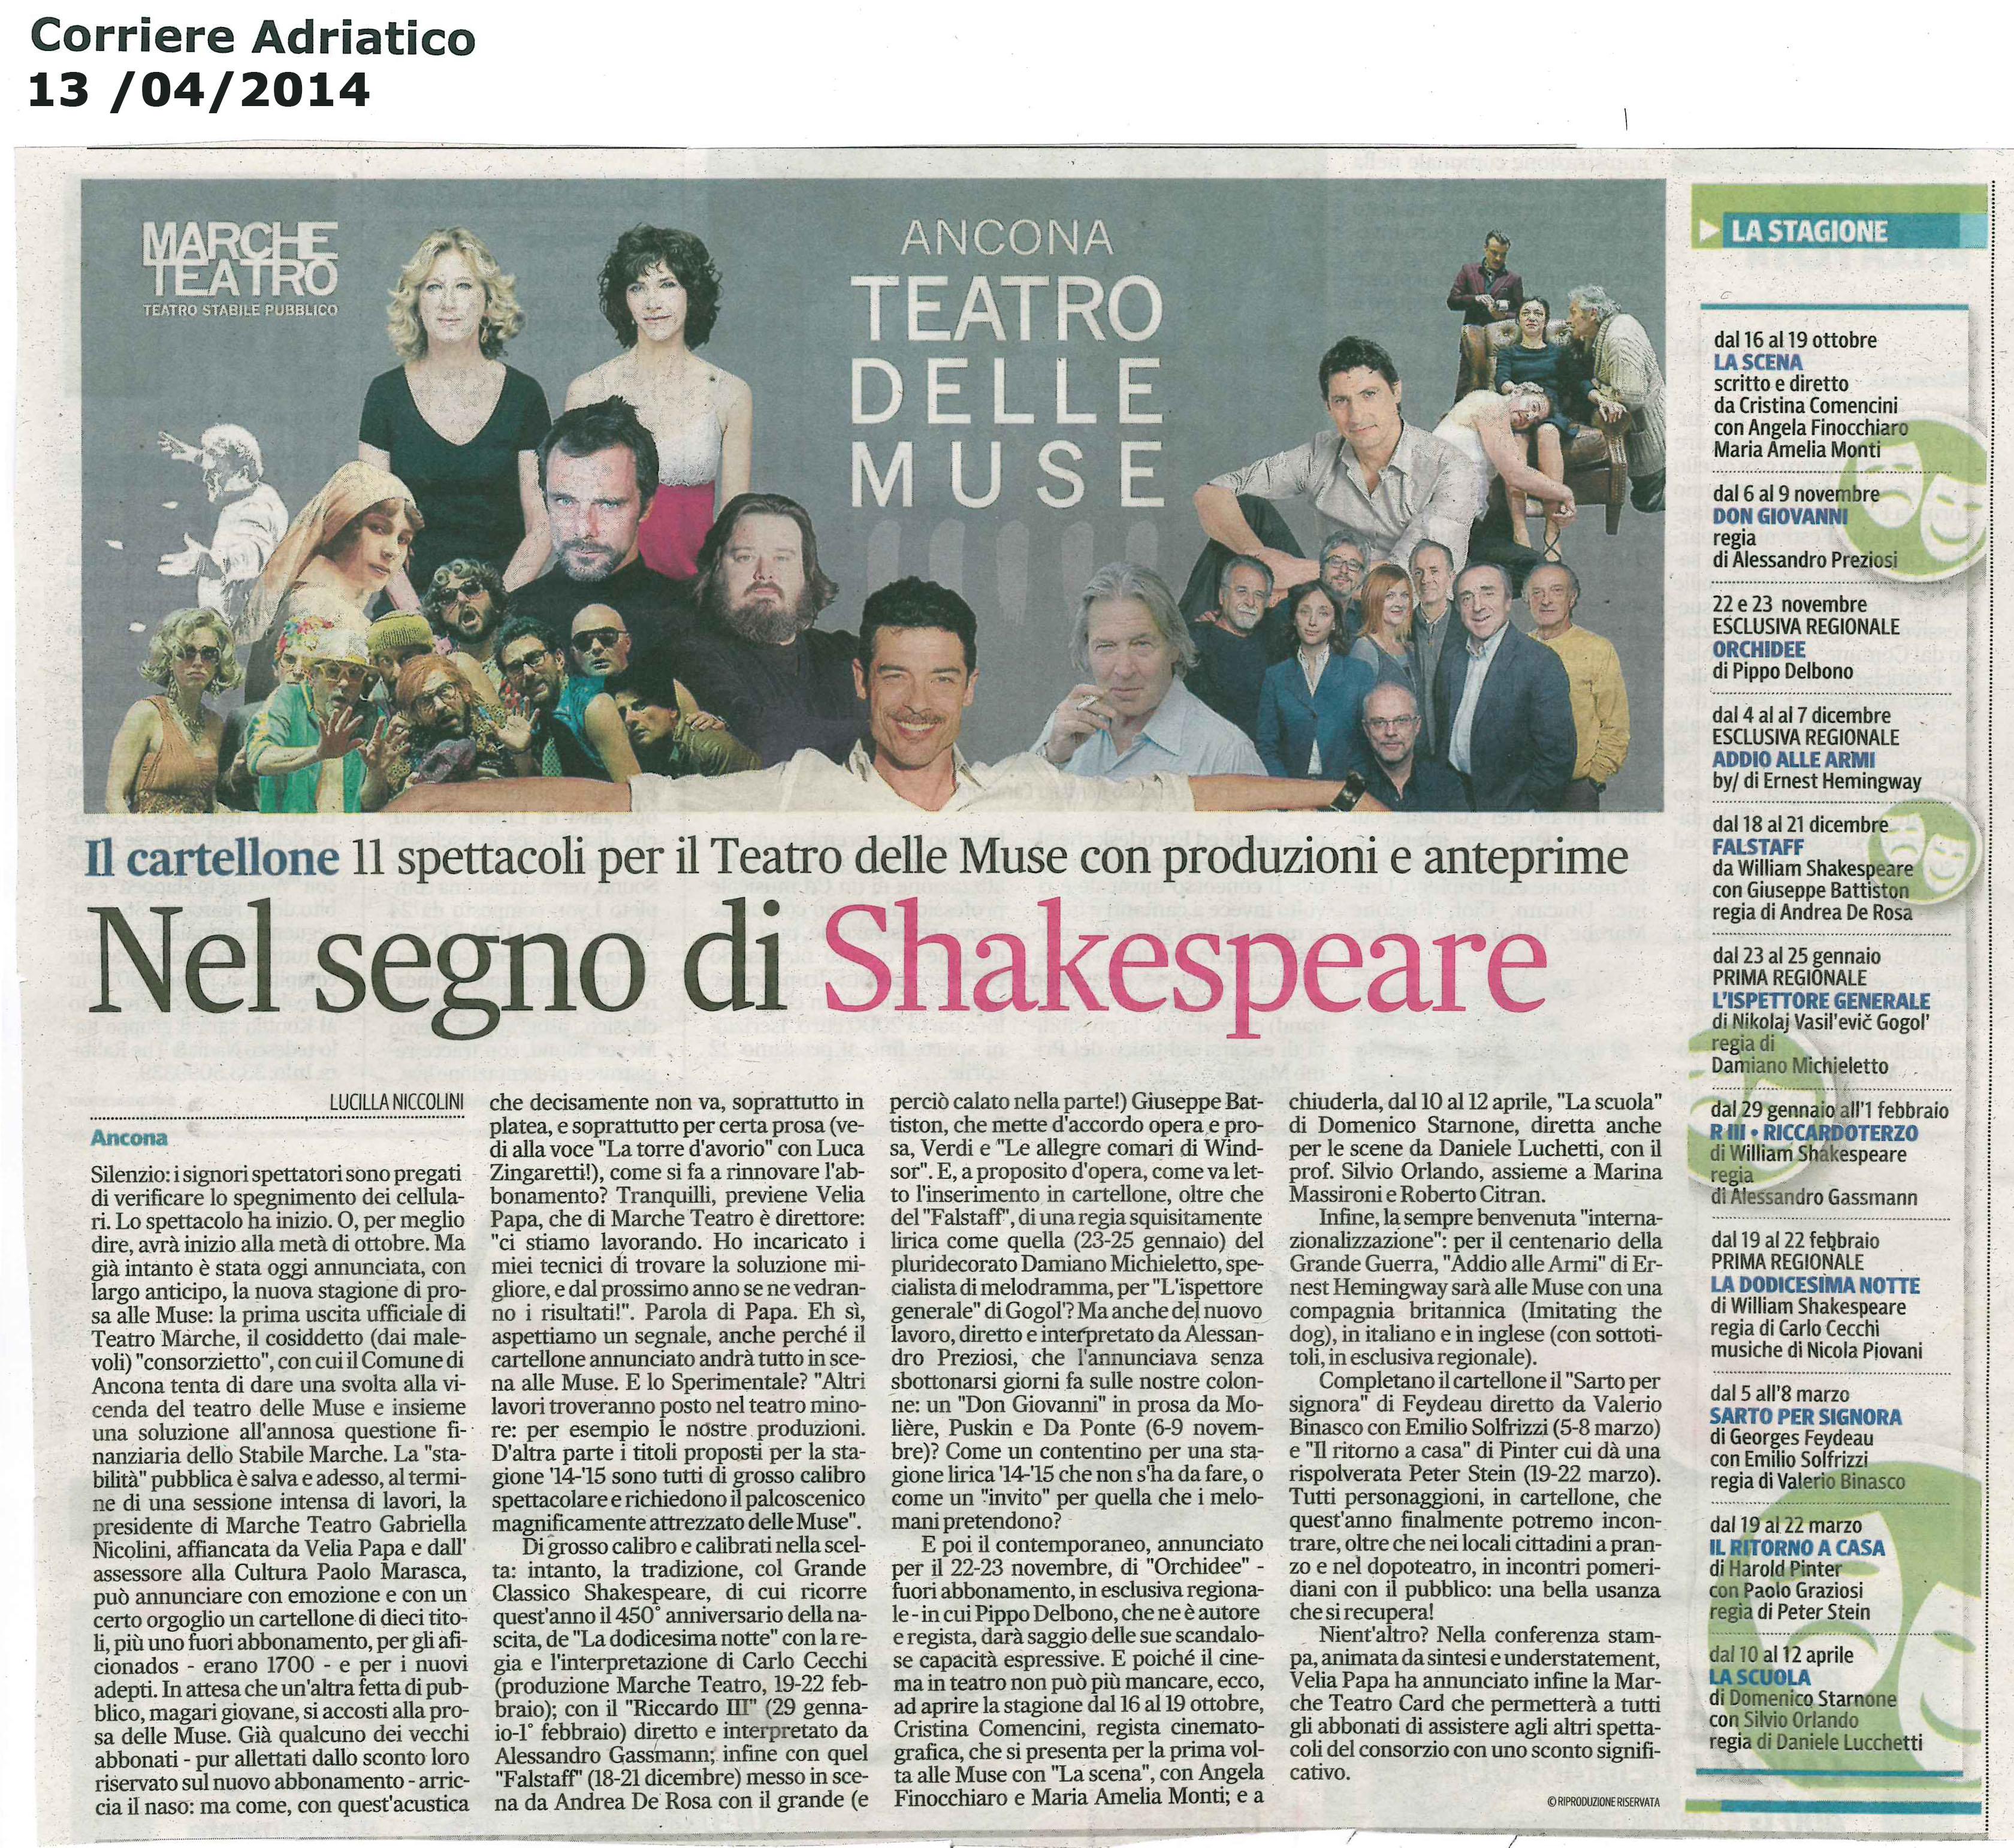 2014.04.13 Nel segno di Shakespeare - Corriere Adriatico